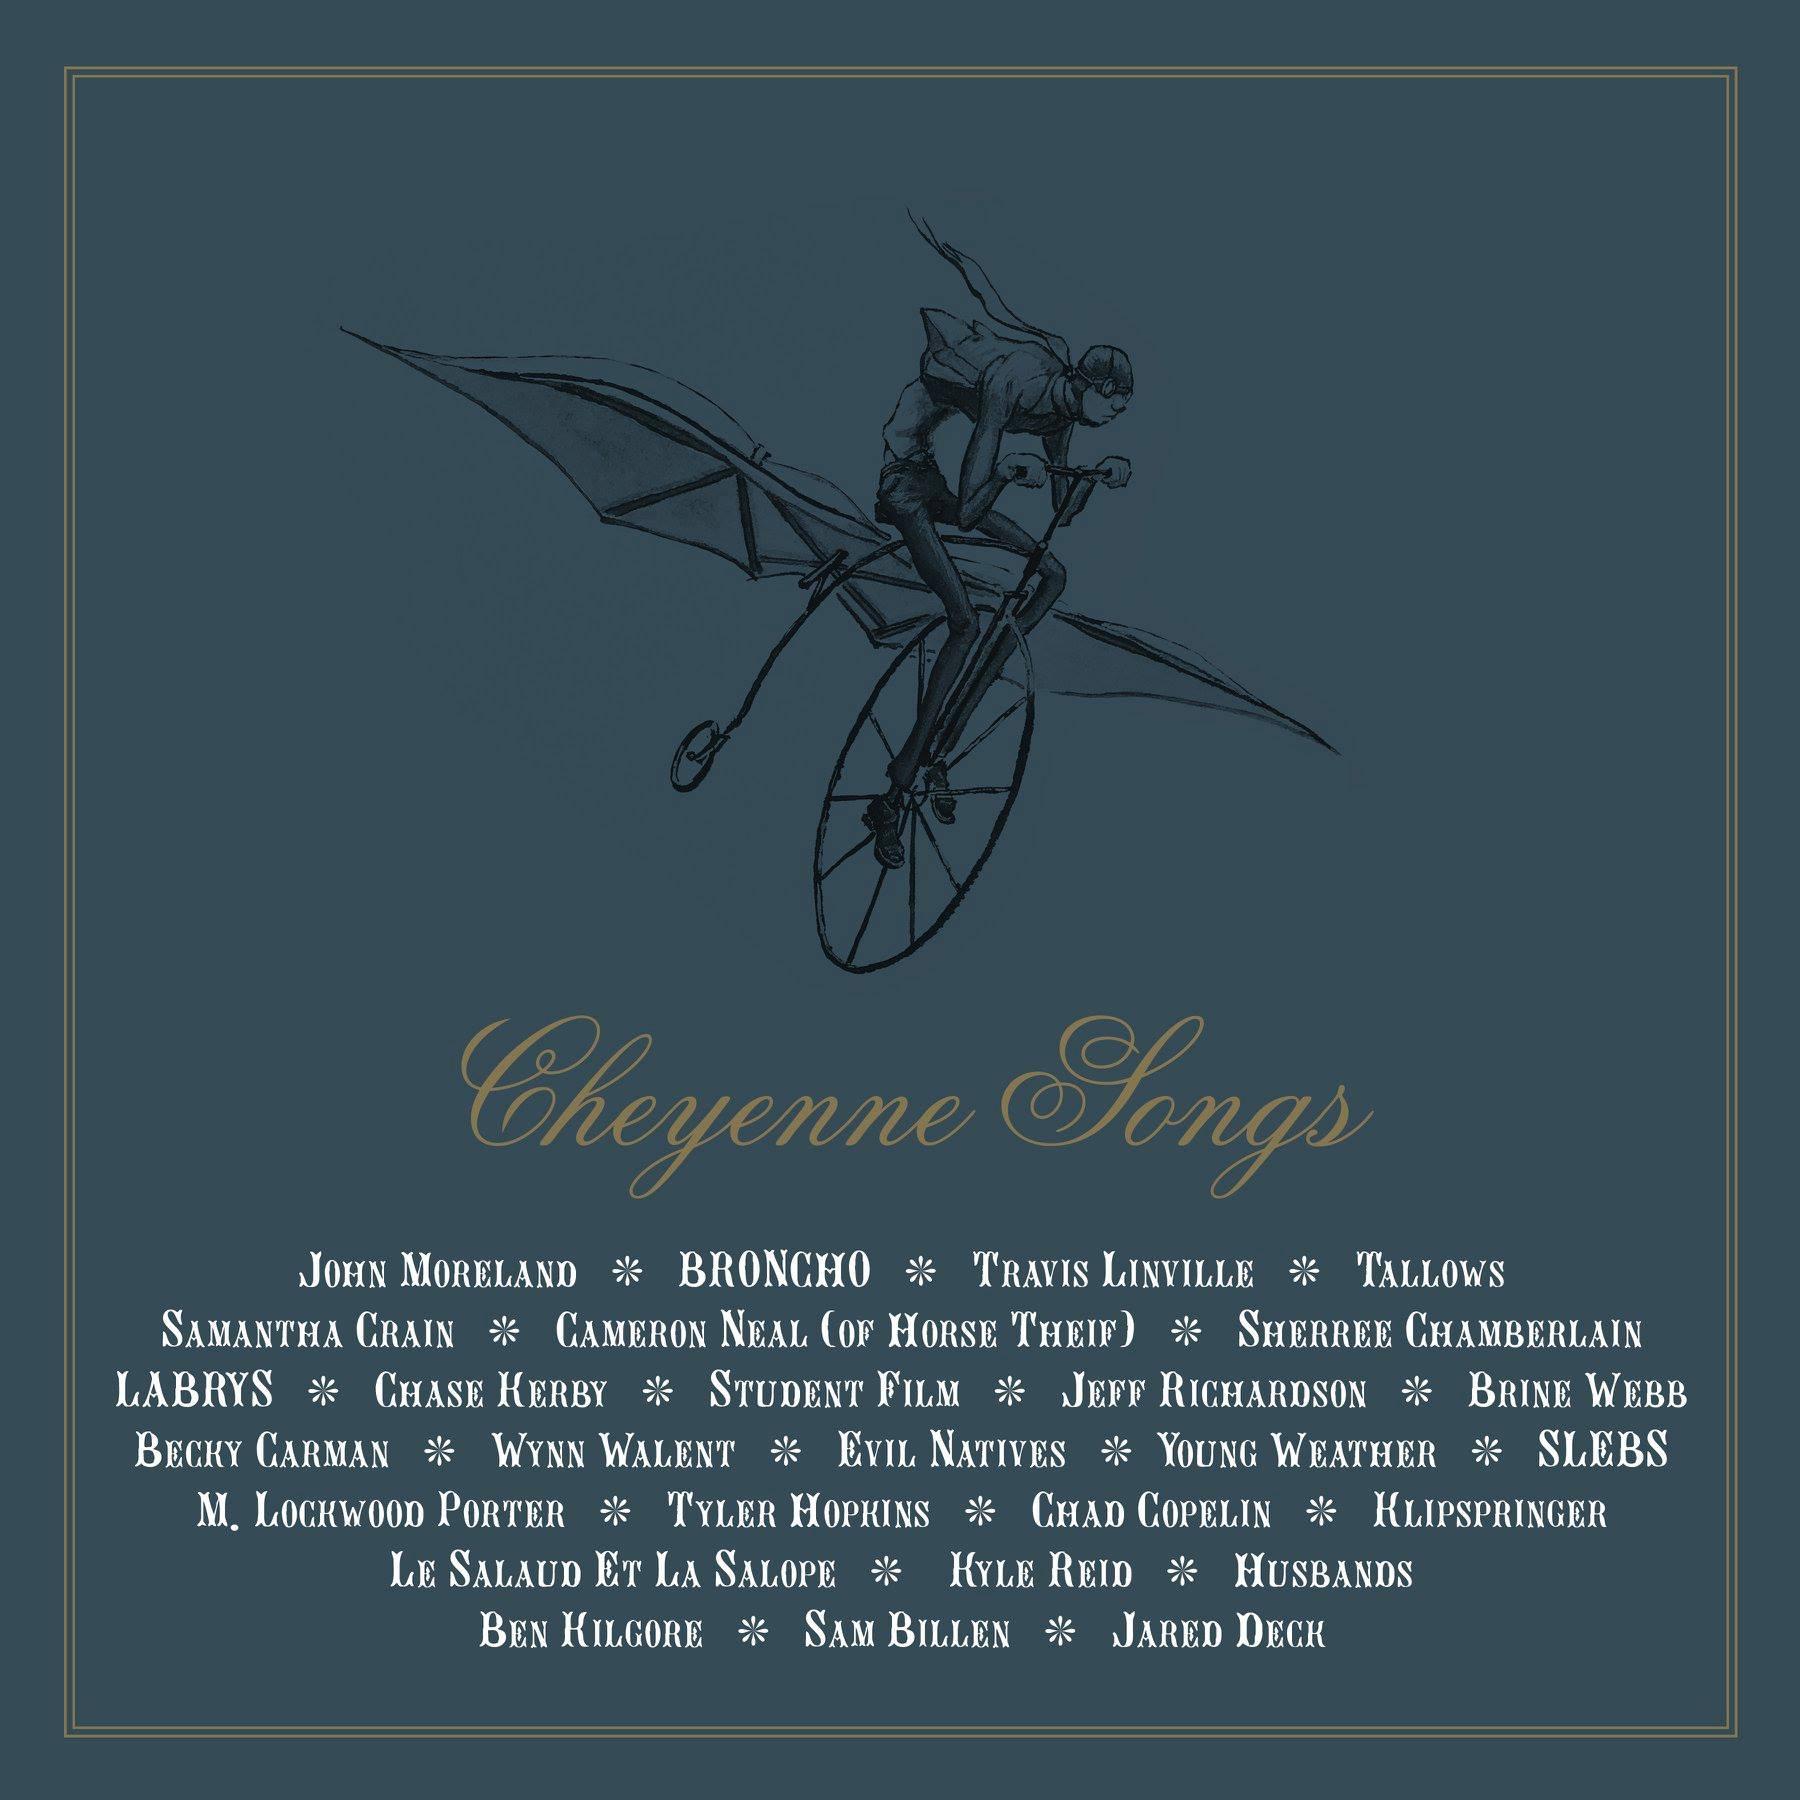 Cheyenne Songs.jpg